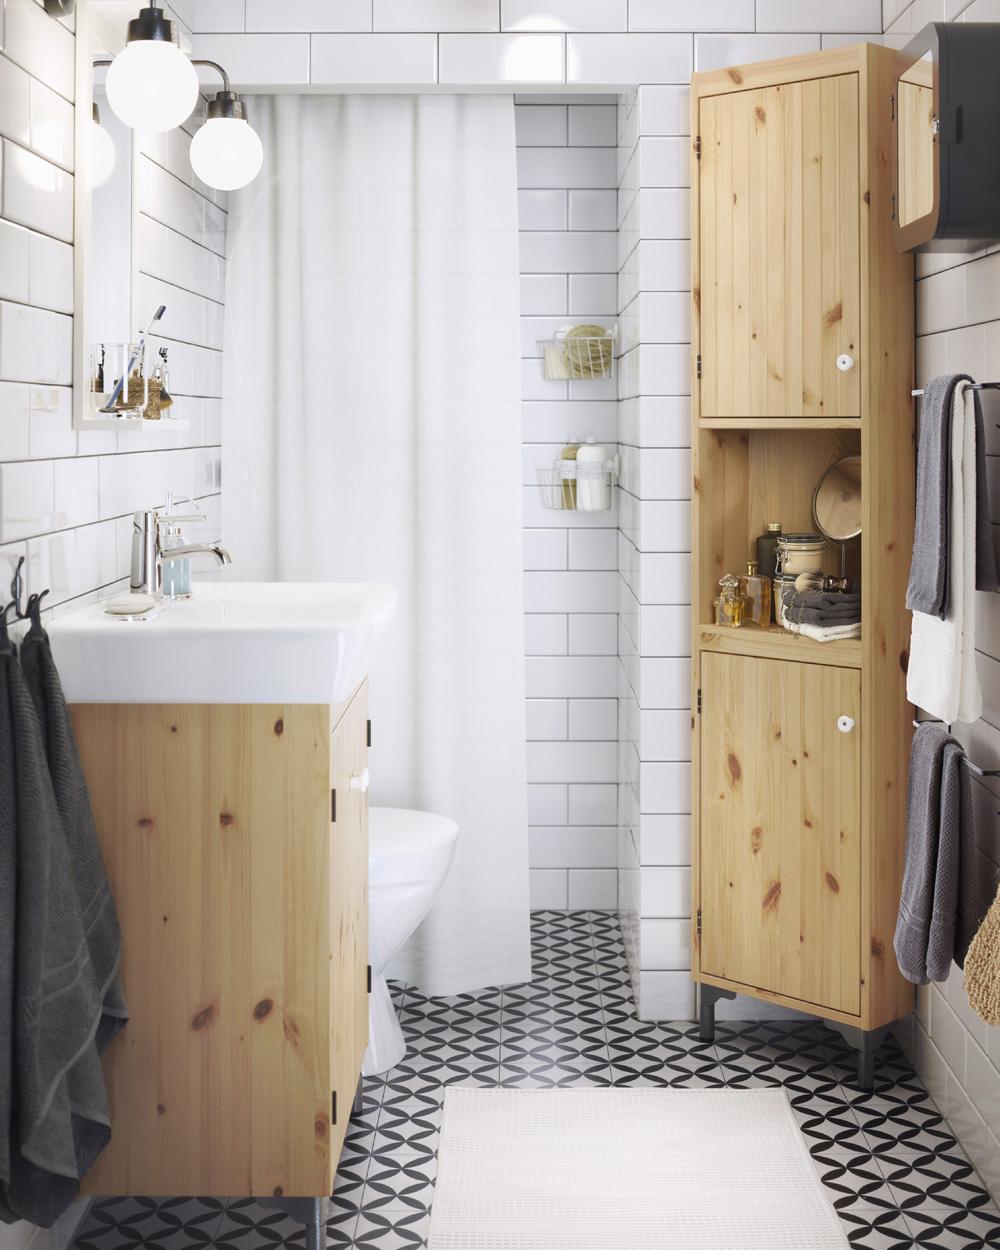 salle de bain bois et carreaux de ciment